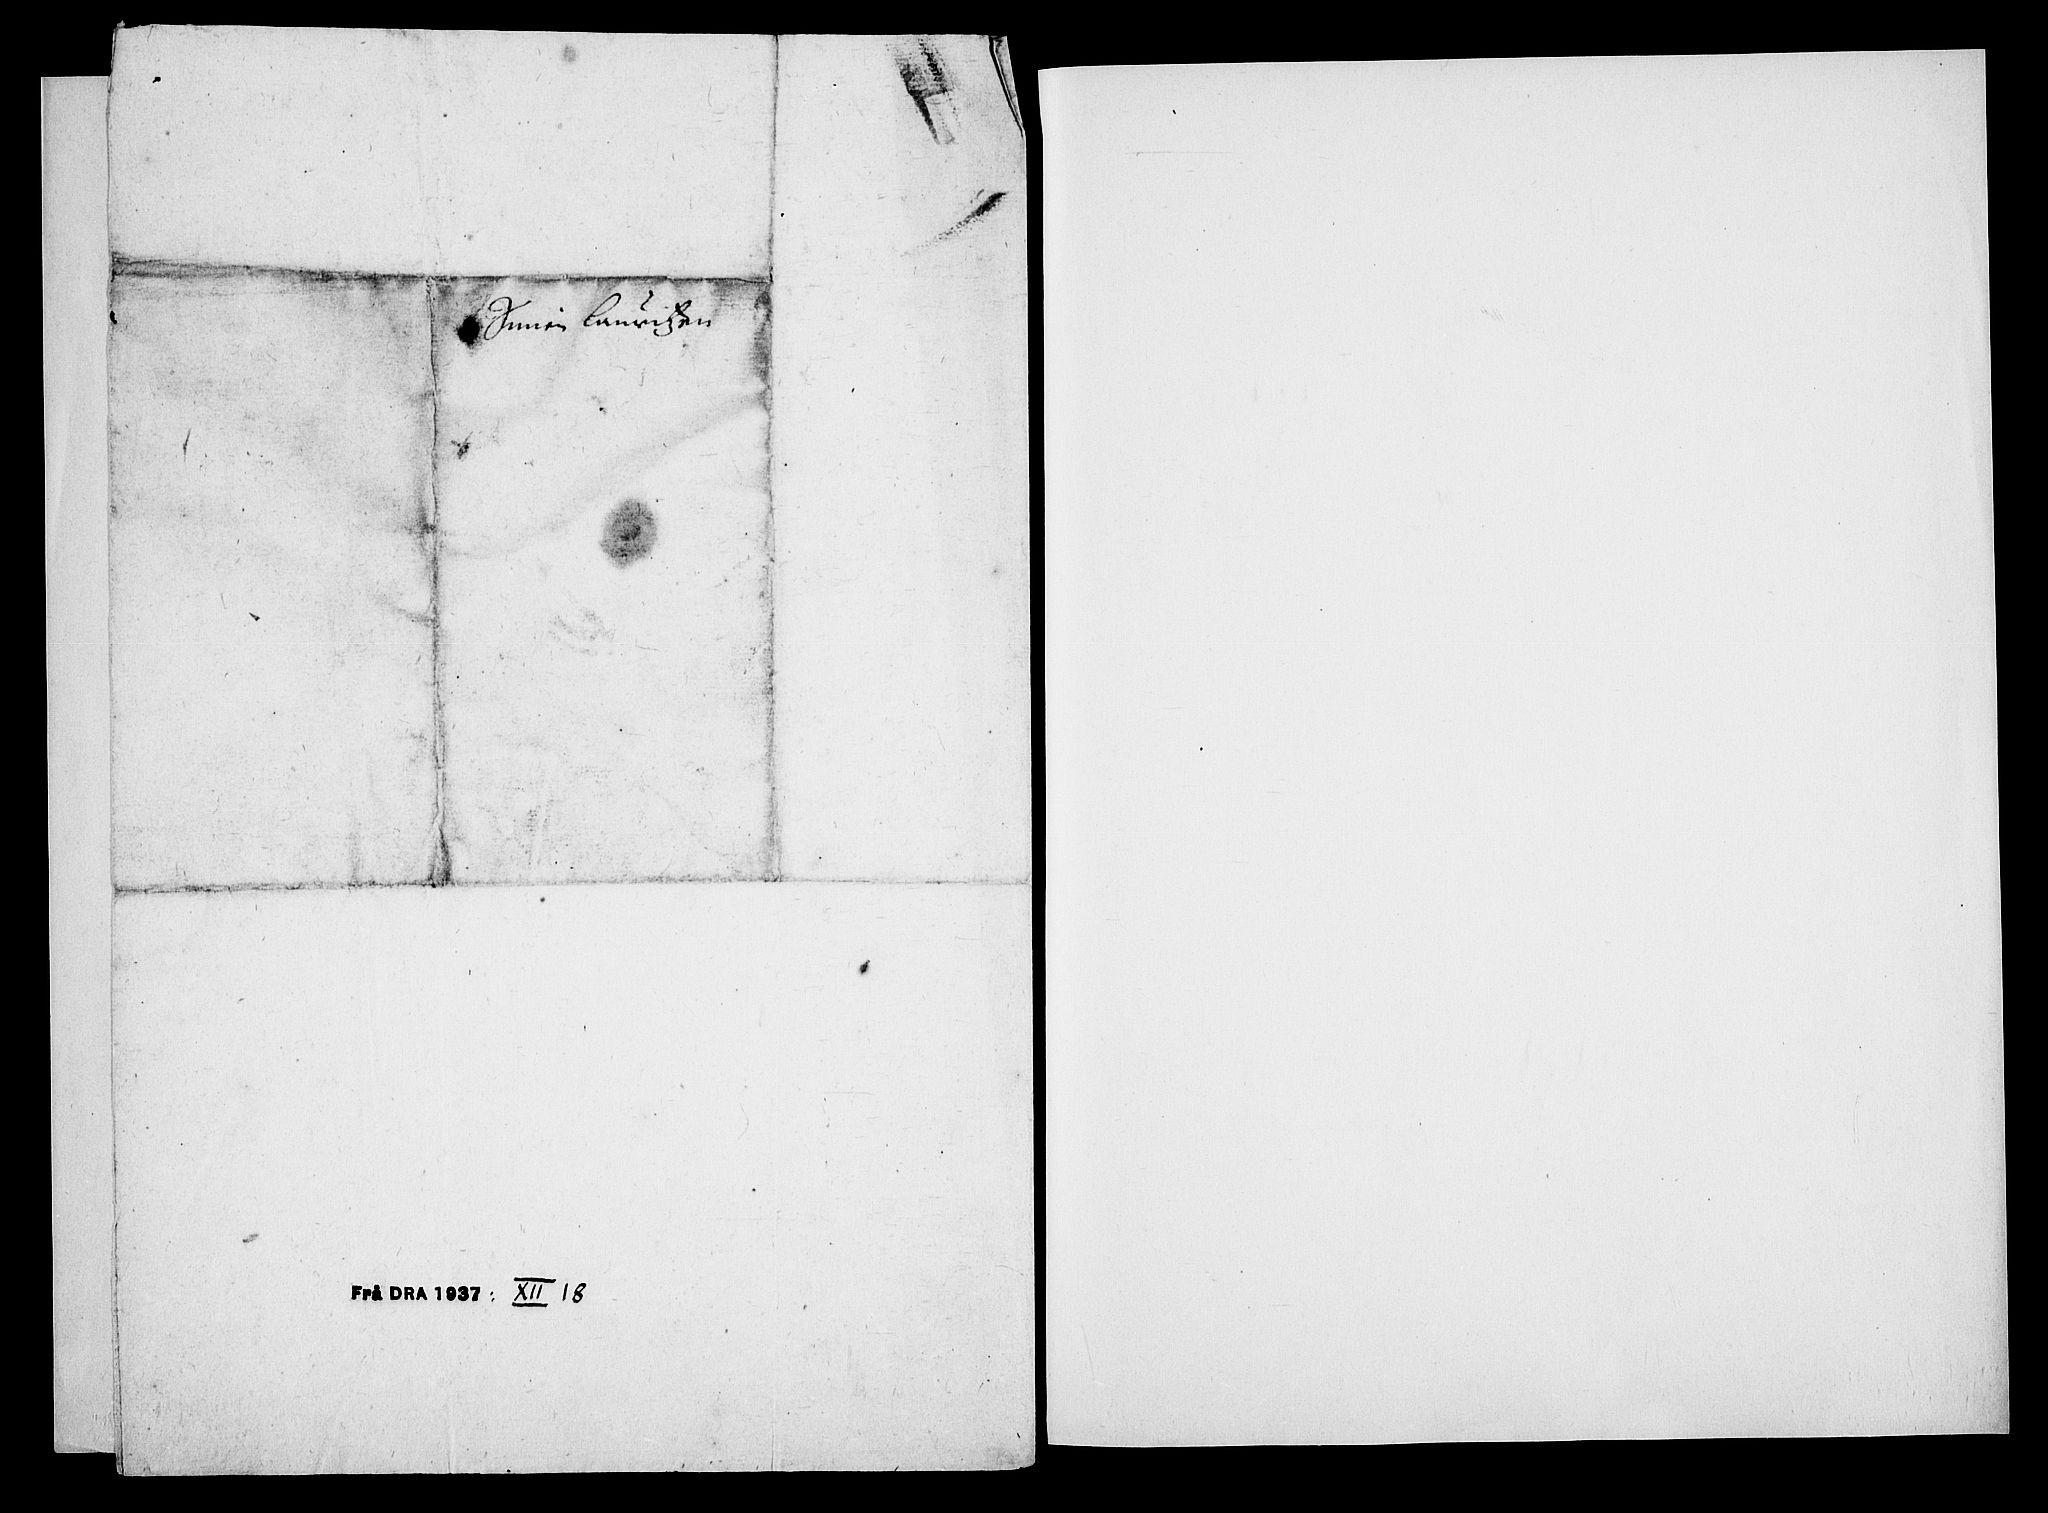 RA, Danske Kanselli, Skapsaker, G/L0019: Tillegg til skapsakene, 1616-1753, s. 113